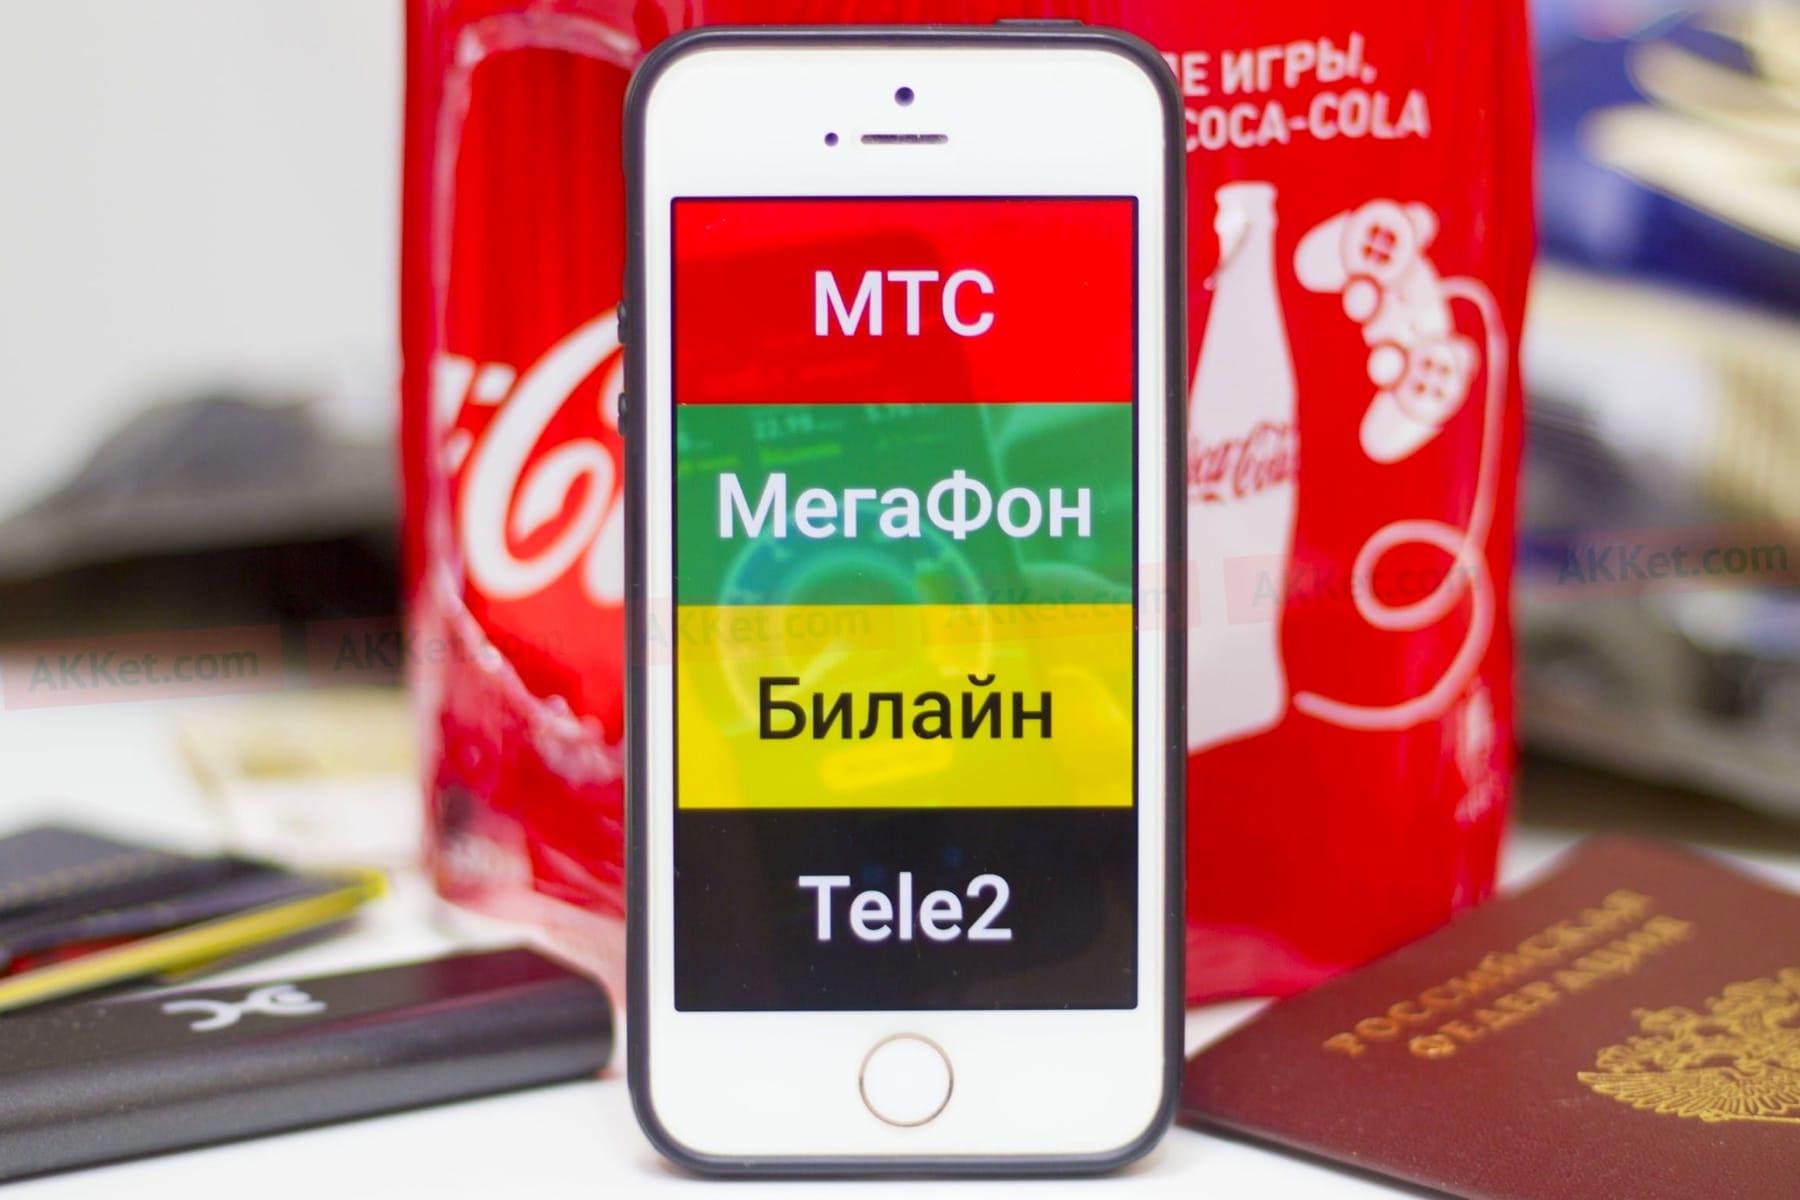 Сотовые операторы «Билайн», «МегаФон» иTele2 начали зарабатывать наблокировках интернет-ресурсов